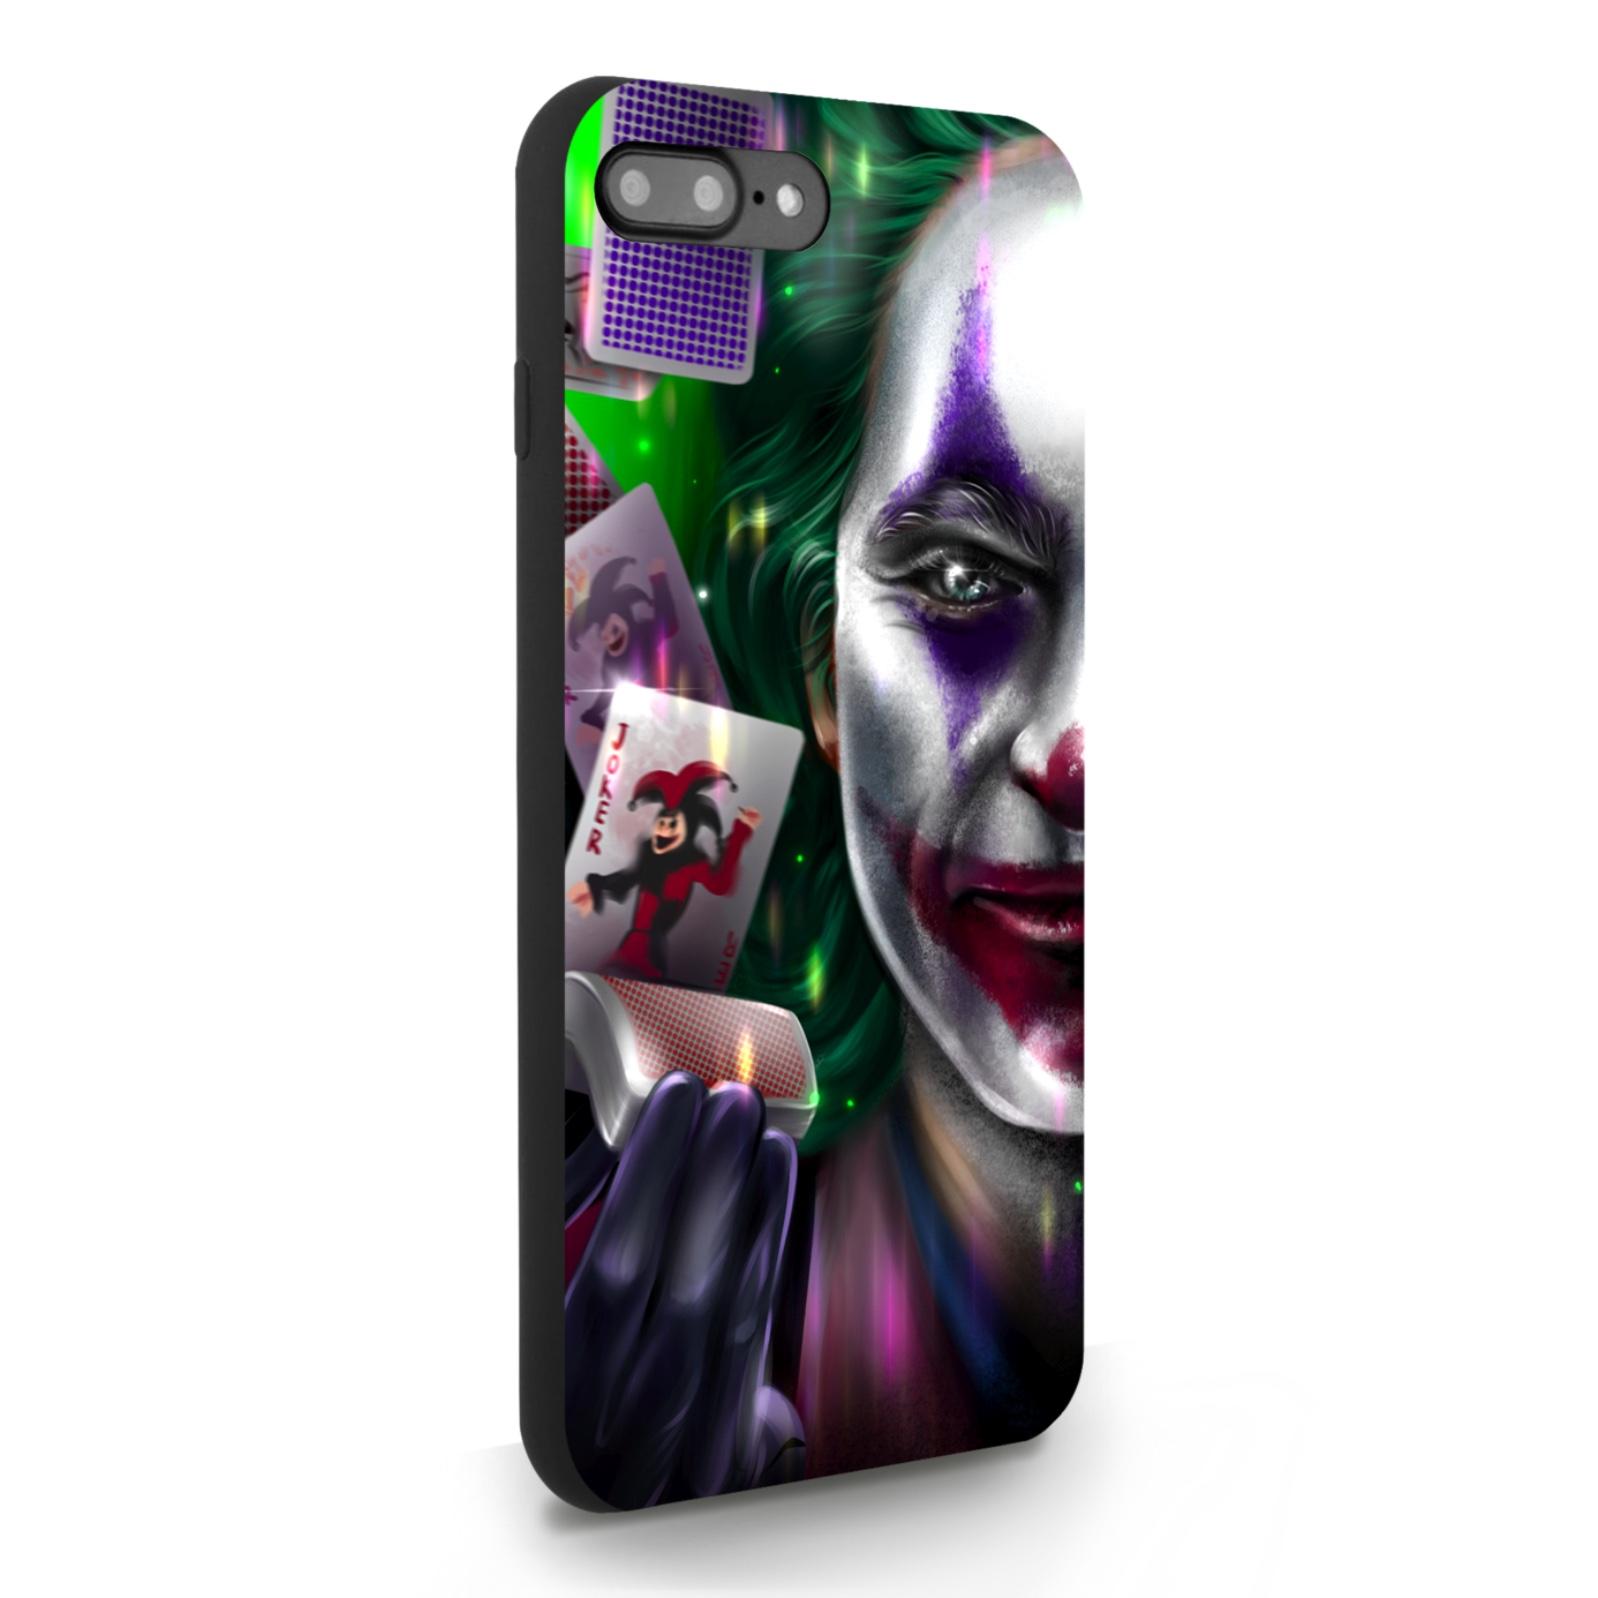 Черный силиконовый чехол для iPhone 7/8 Plus Joker/ Джокер для Айфон 7/8 Плюс